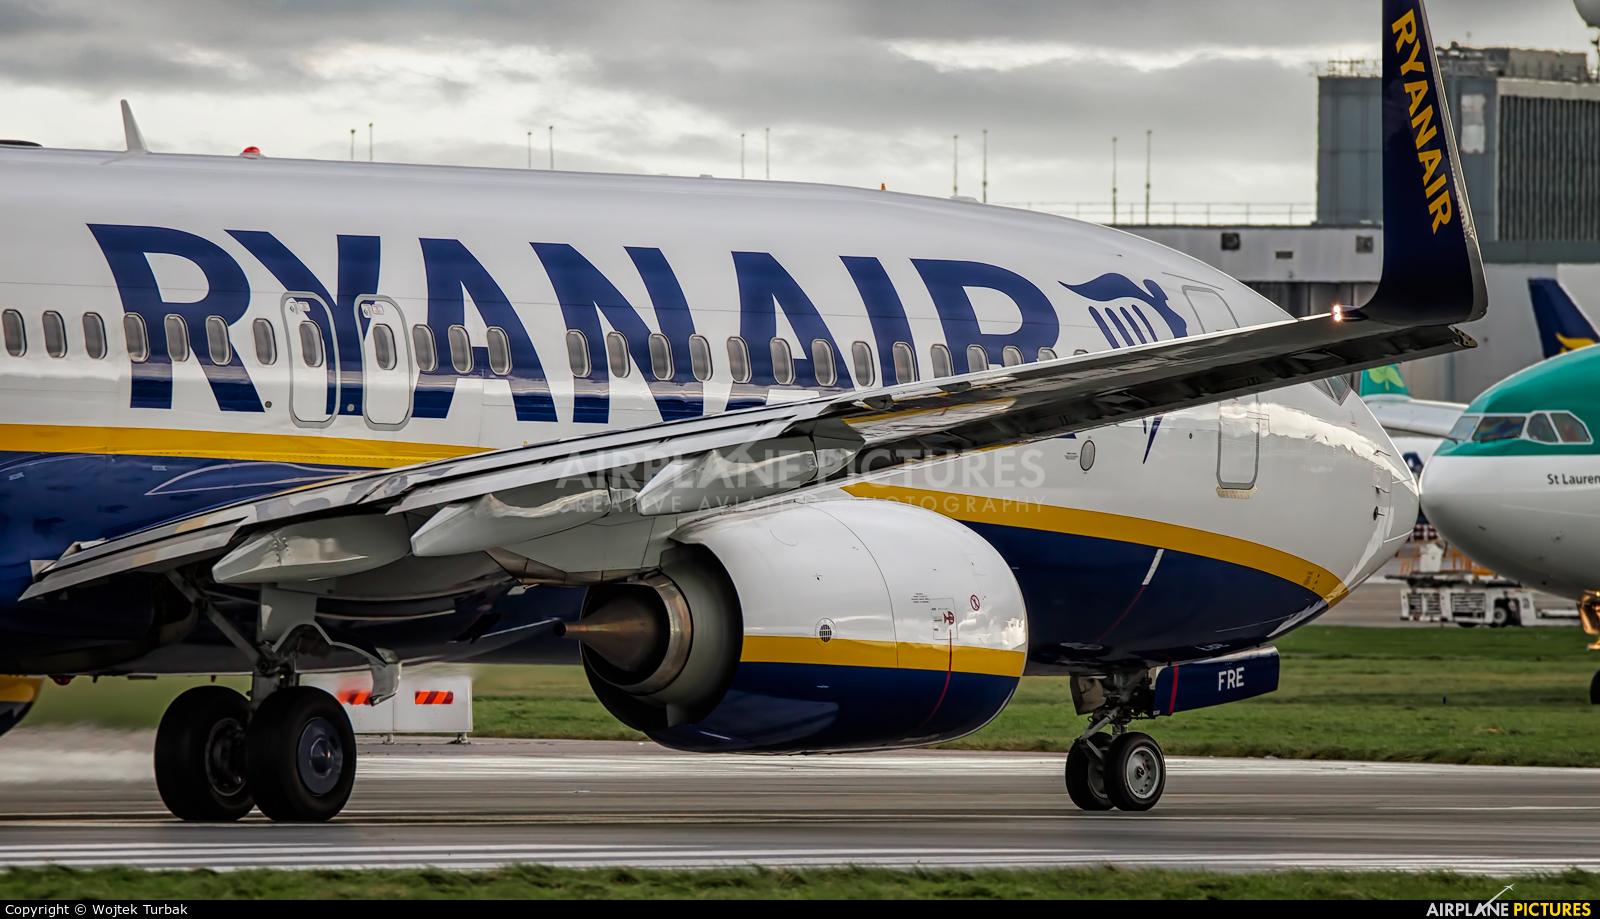 Ryanair EI-FRE aircraft at Dublin